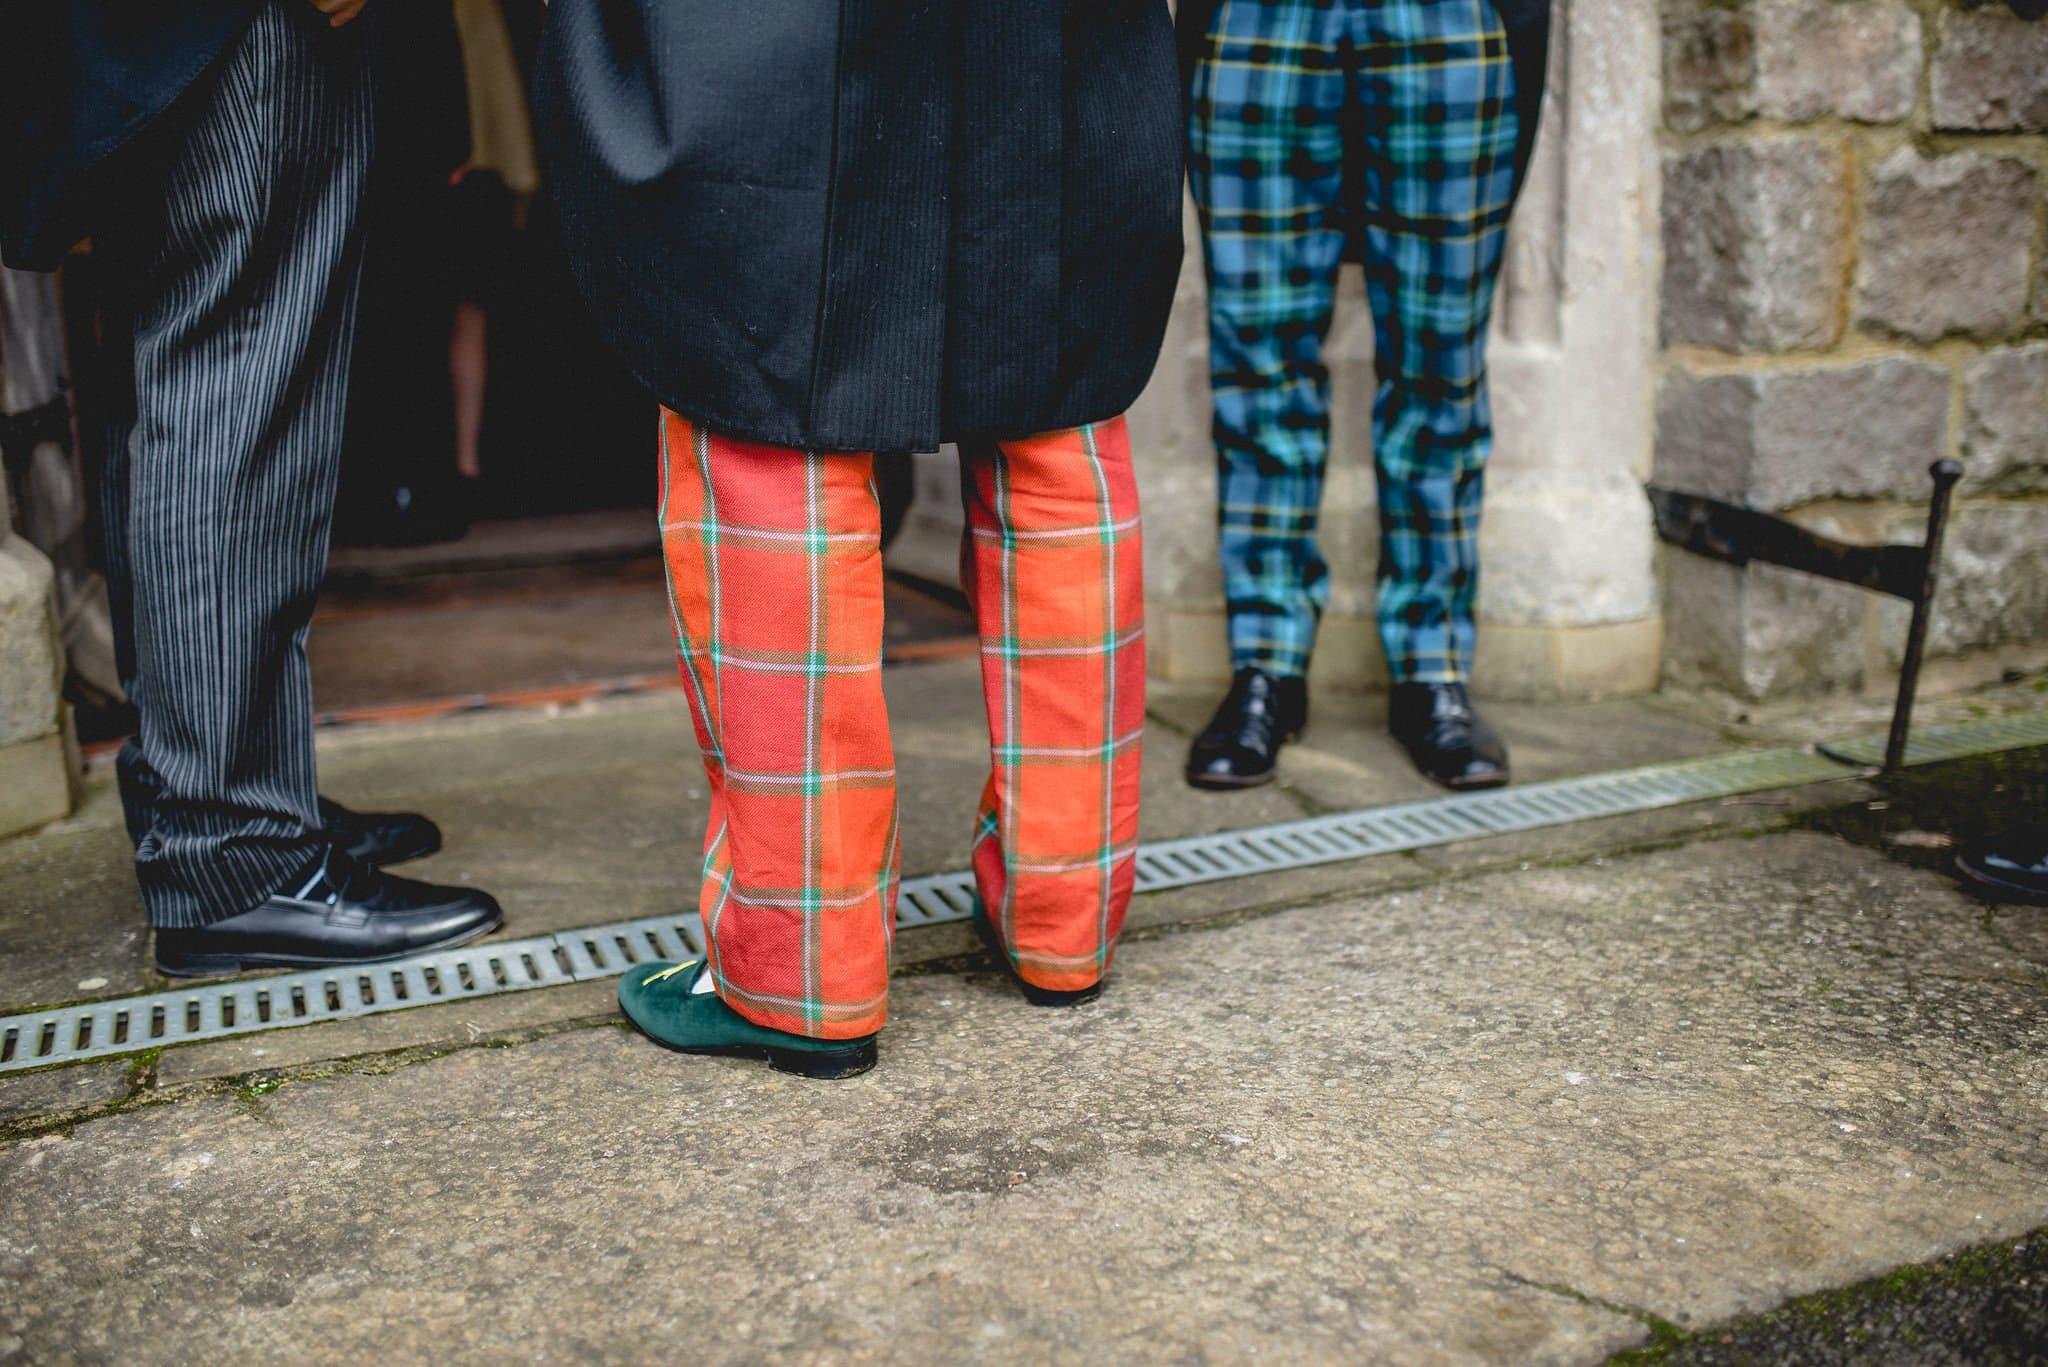 Groom wearing tartan trousers in the church doorway